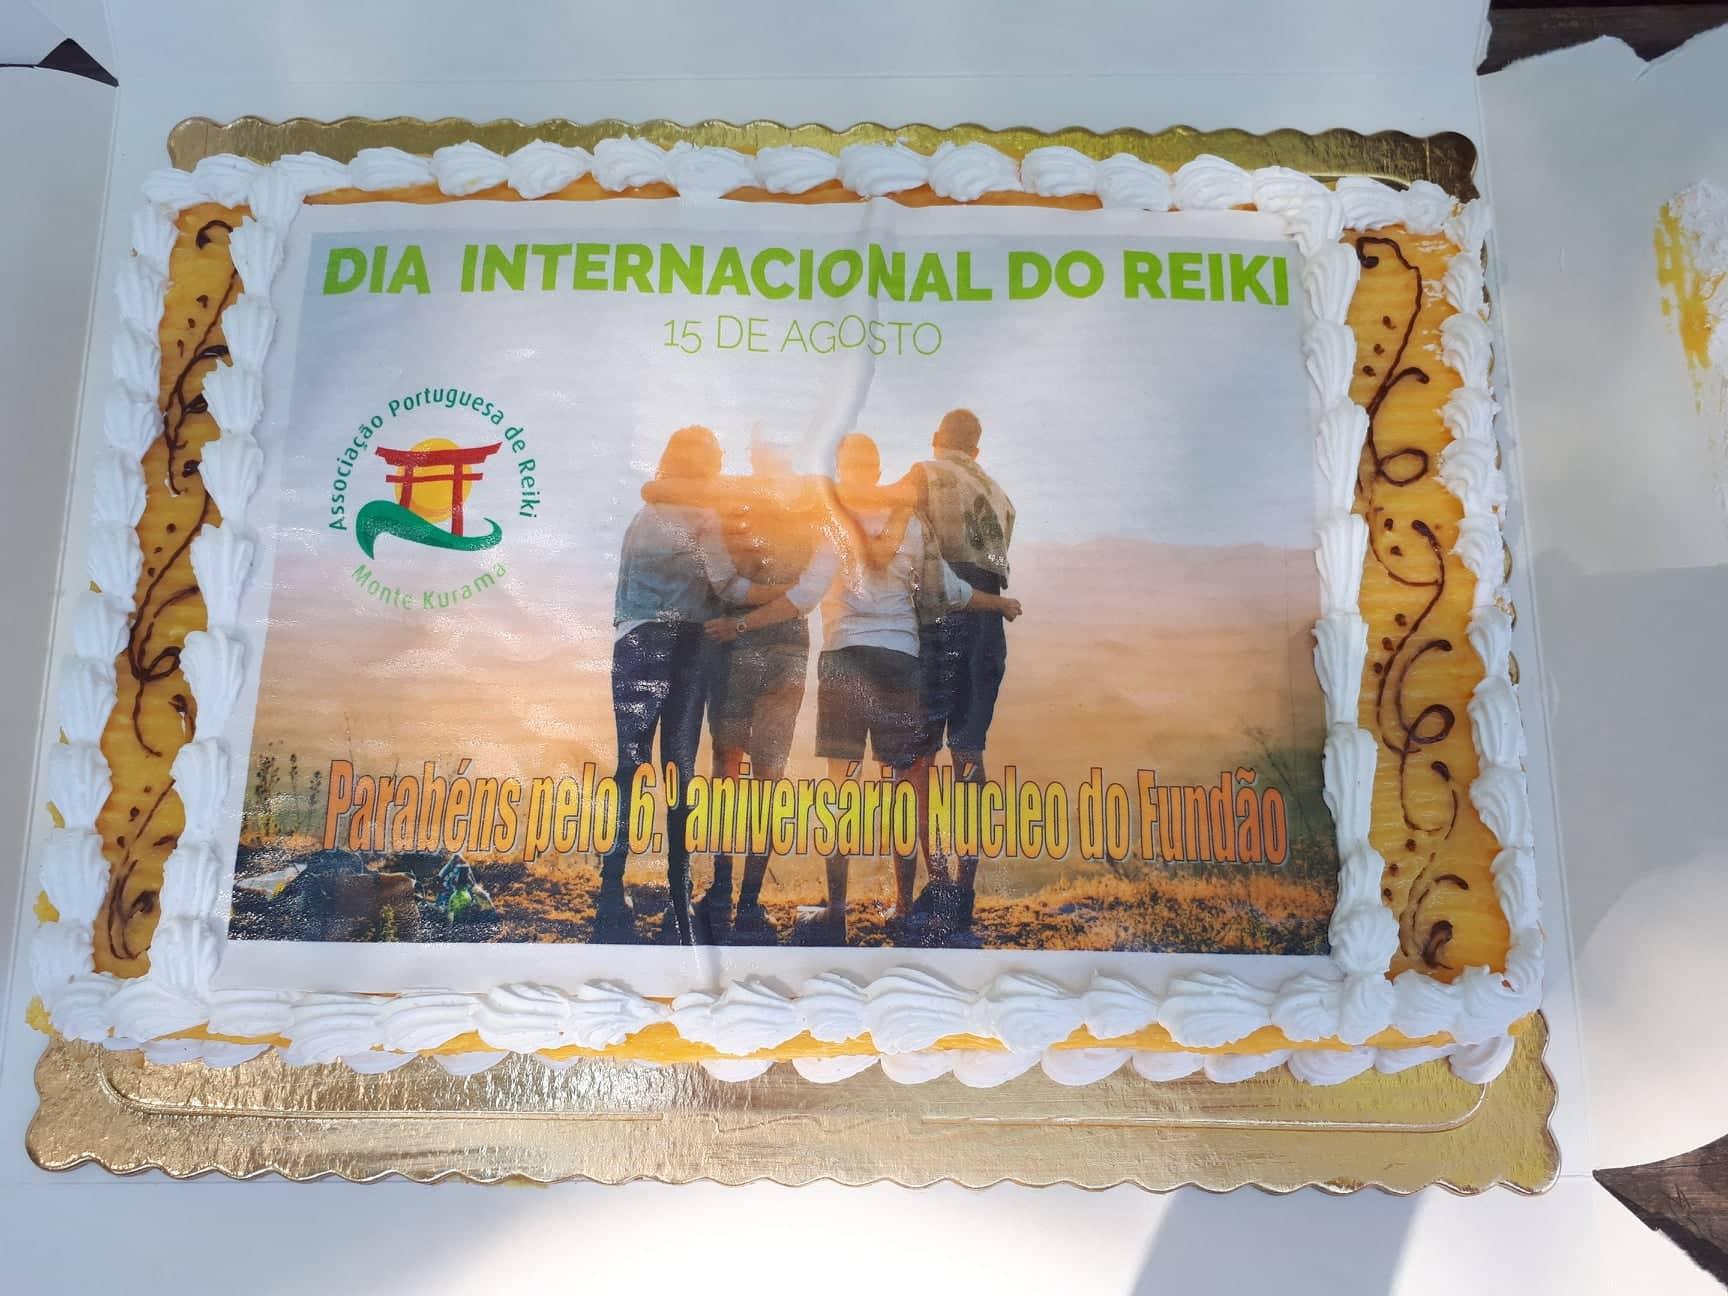 Dia Internacional do Reiki – Núcleo do Fundão da Associação Portuguesa de Reiki